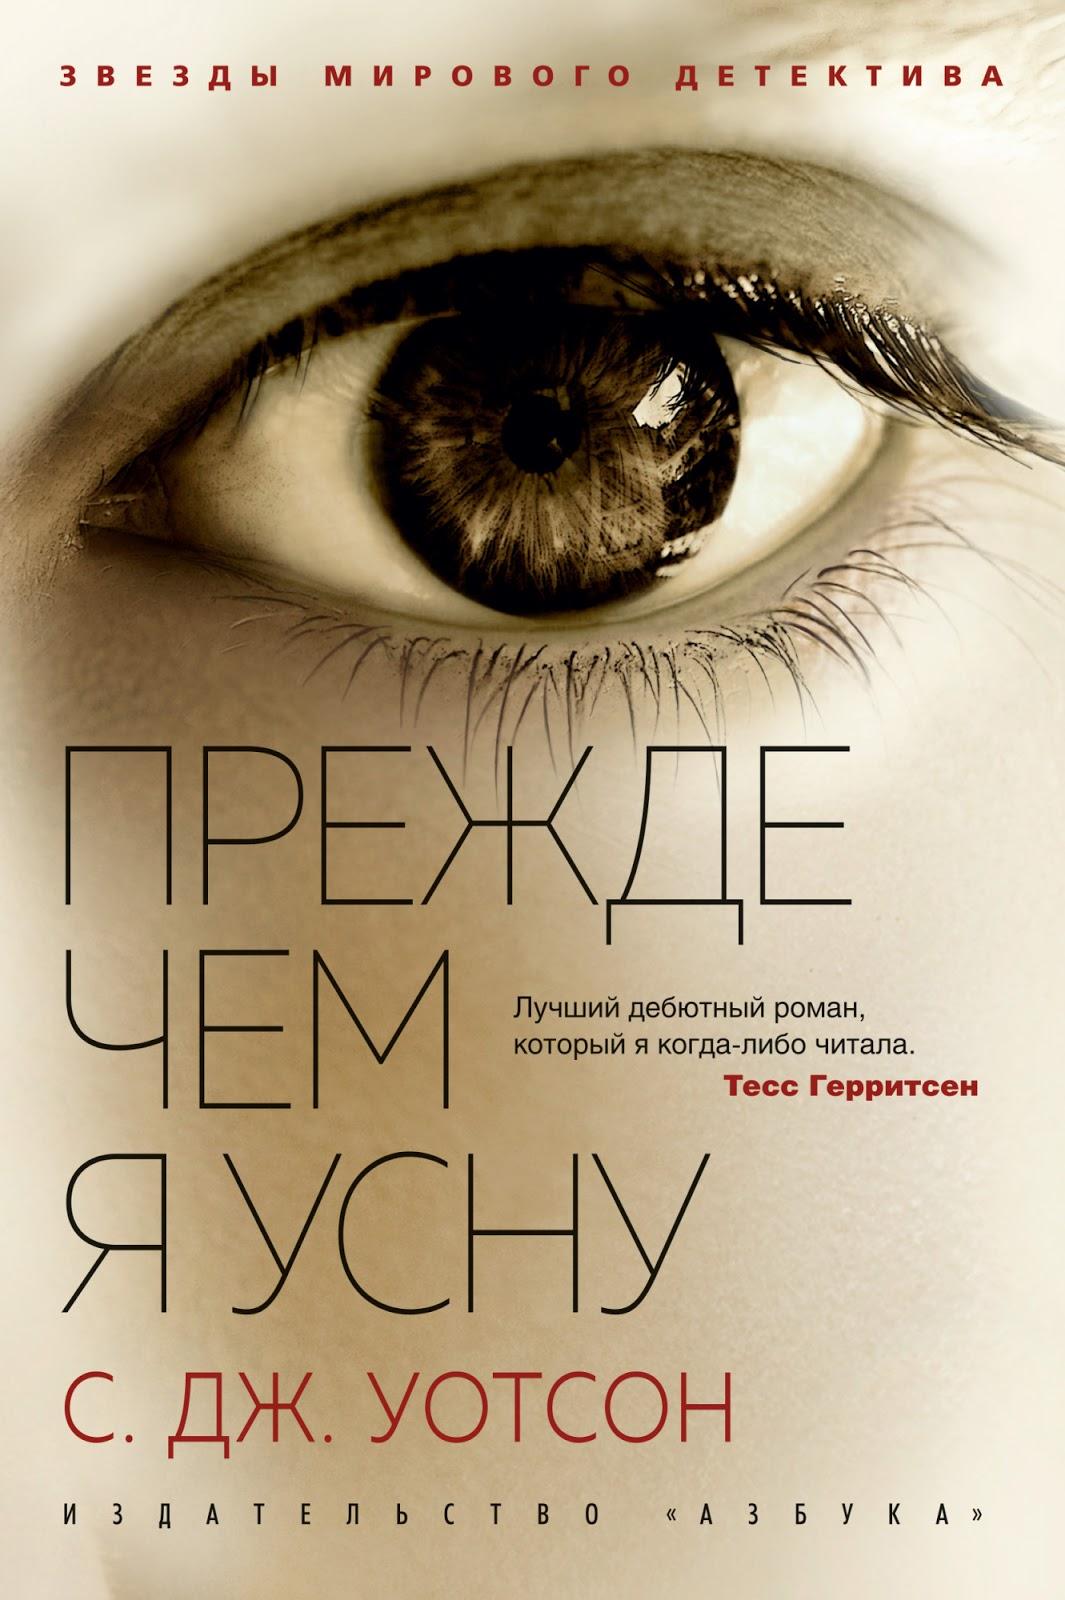 С. Дж. Уотсон — Прежде чем я усну (2011)